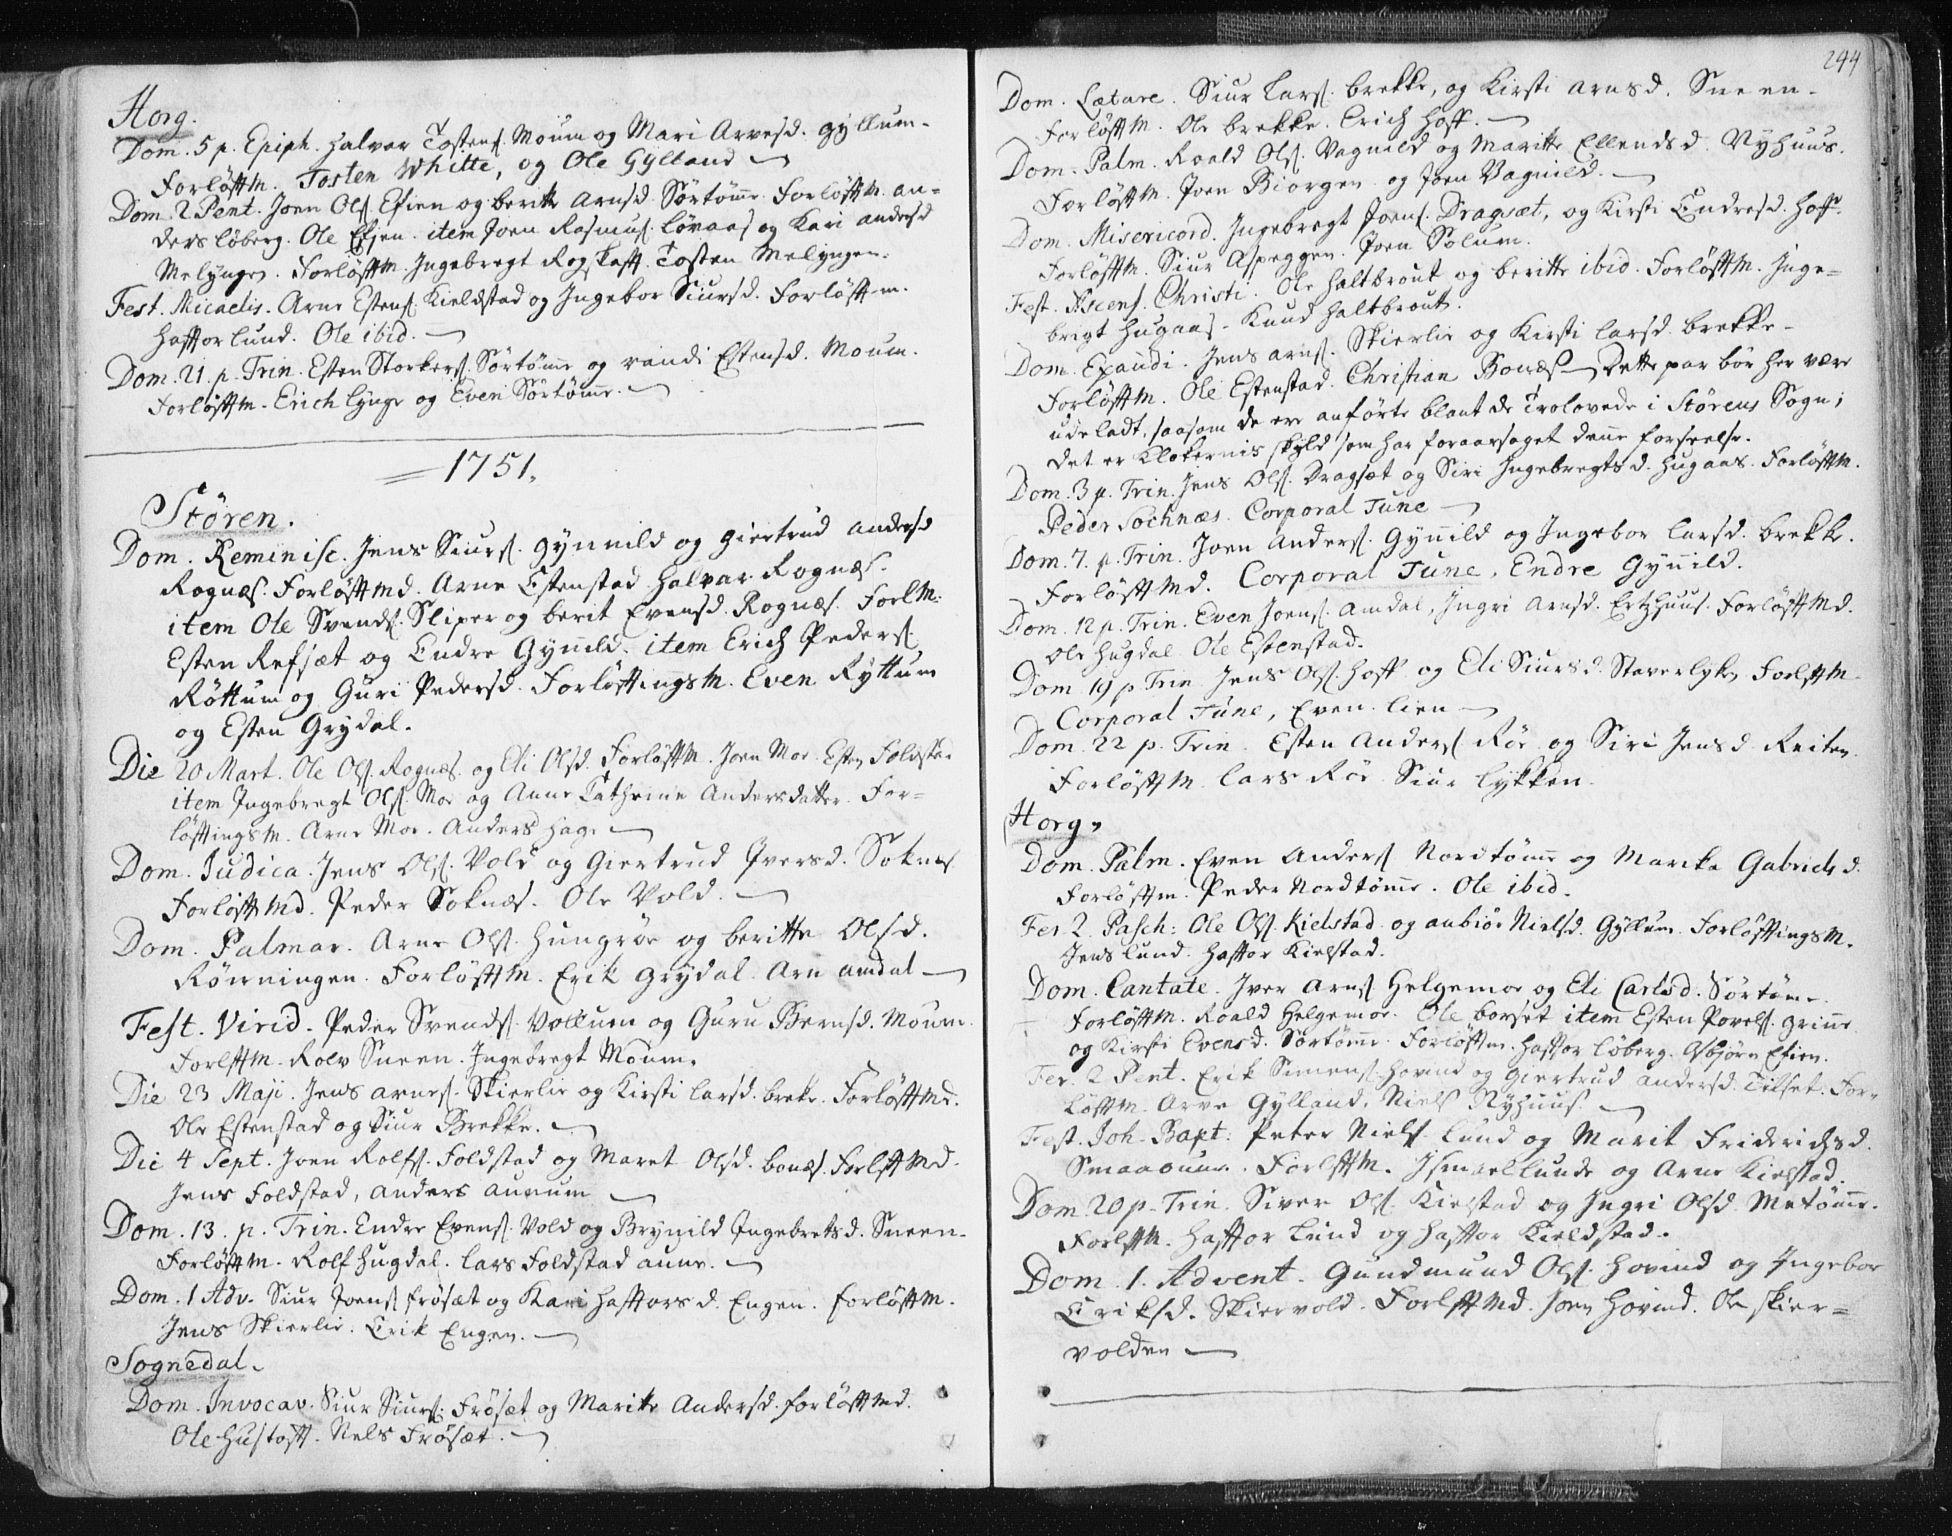 SAT, Ministerialprotokoller, klokkerbøker og fødselsregistre - Sør-Trøndelag, 687/L0991: Ministerialbok nr. 687A02, 1747-1790, s. 244